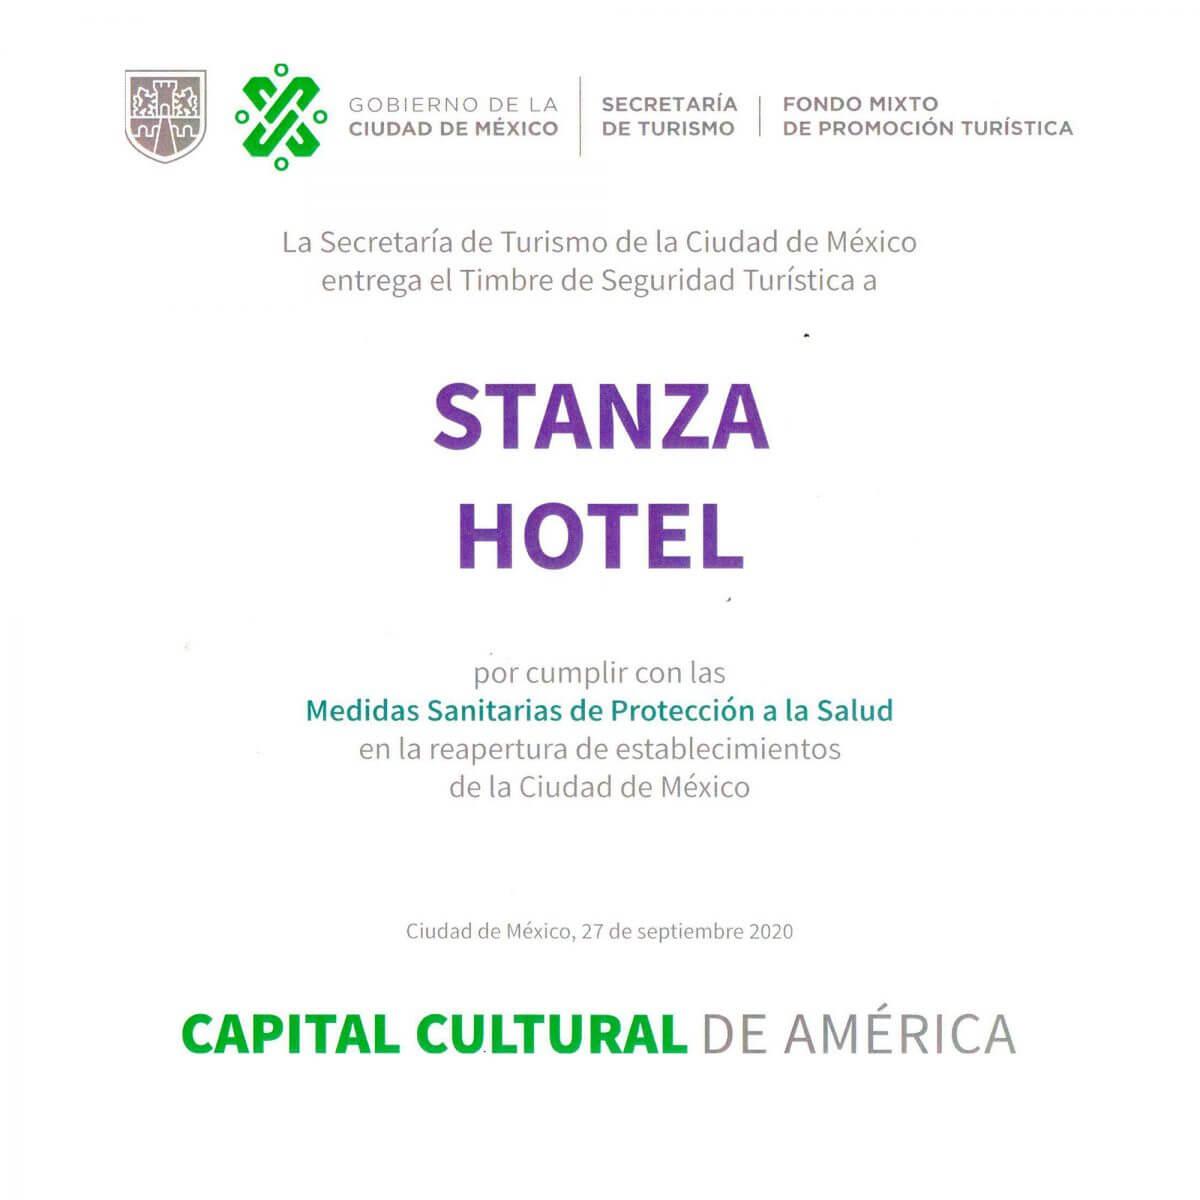 Timbre de Seguridad Turística Ciudad de México 2020